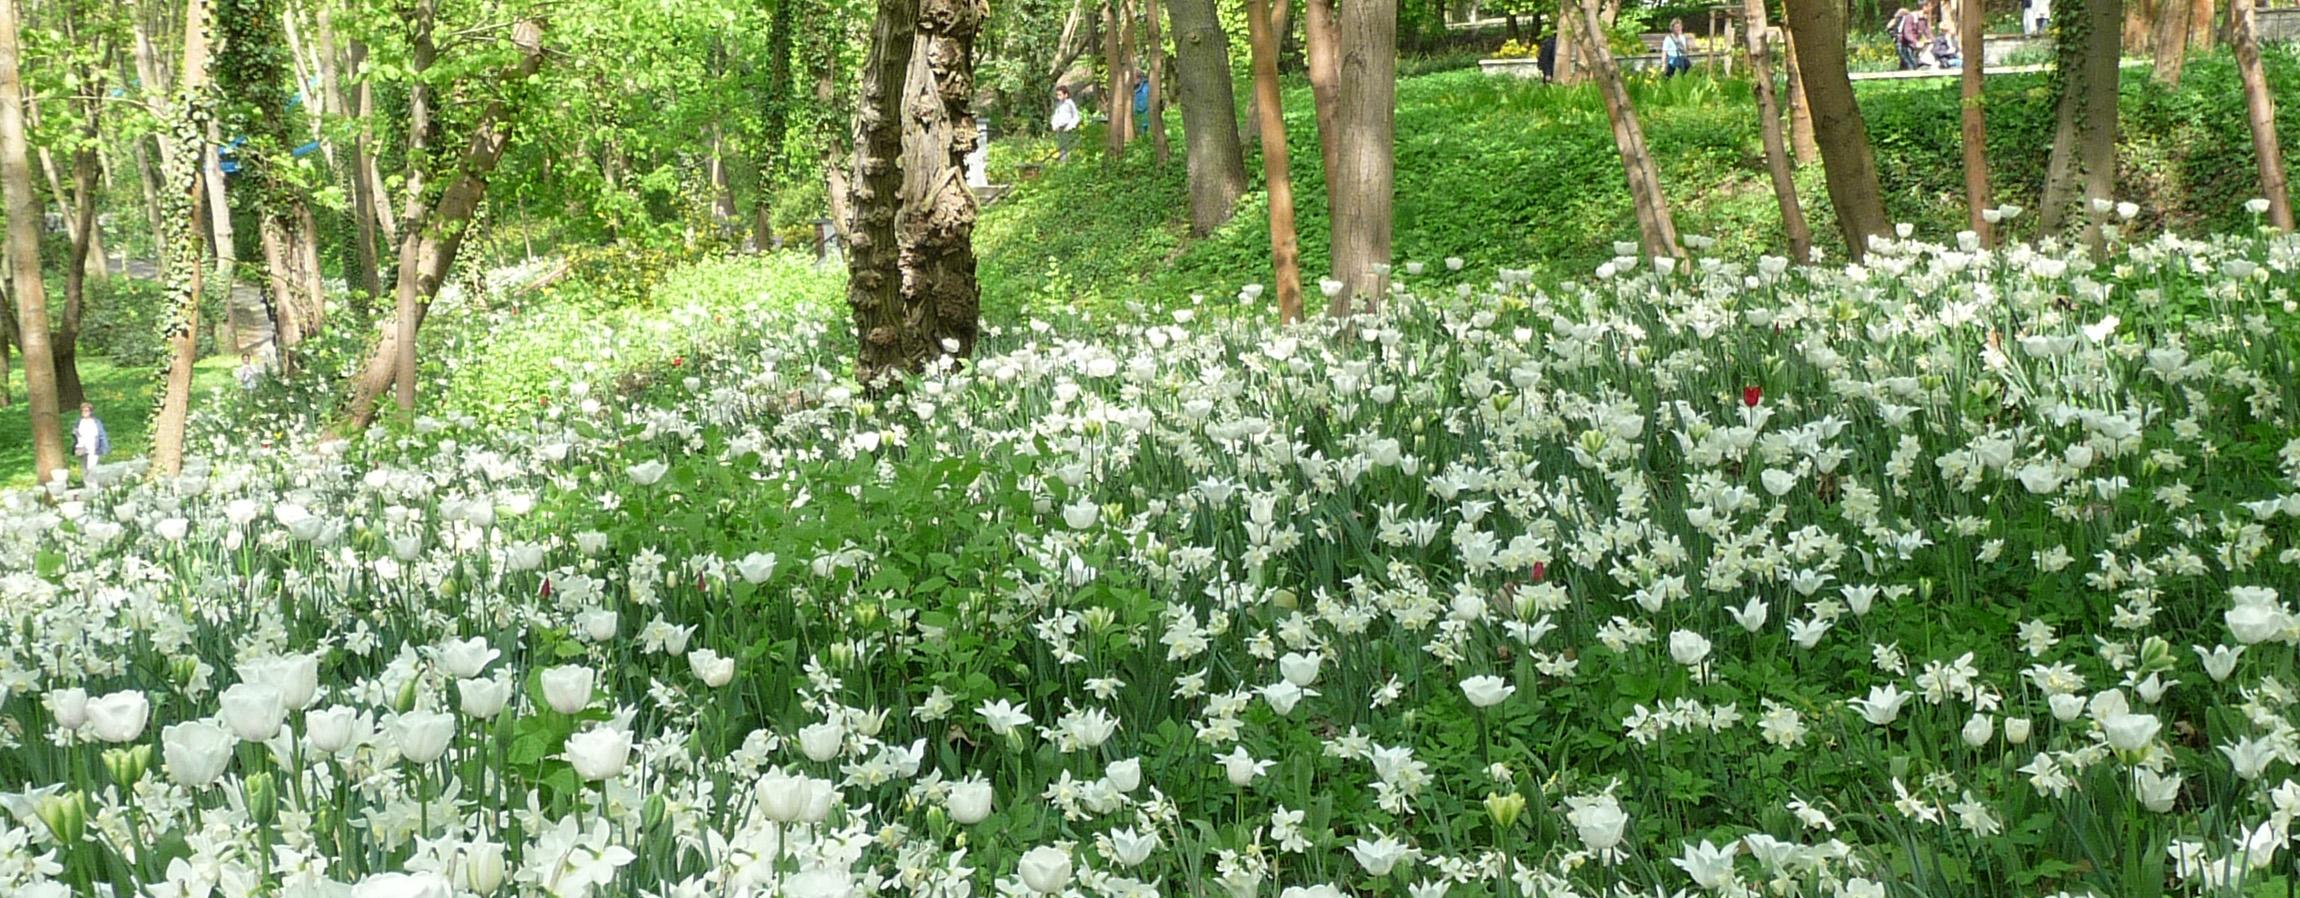 weißblühende Blumenzwiebln unter Bäumen